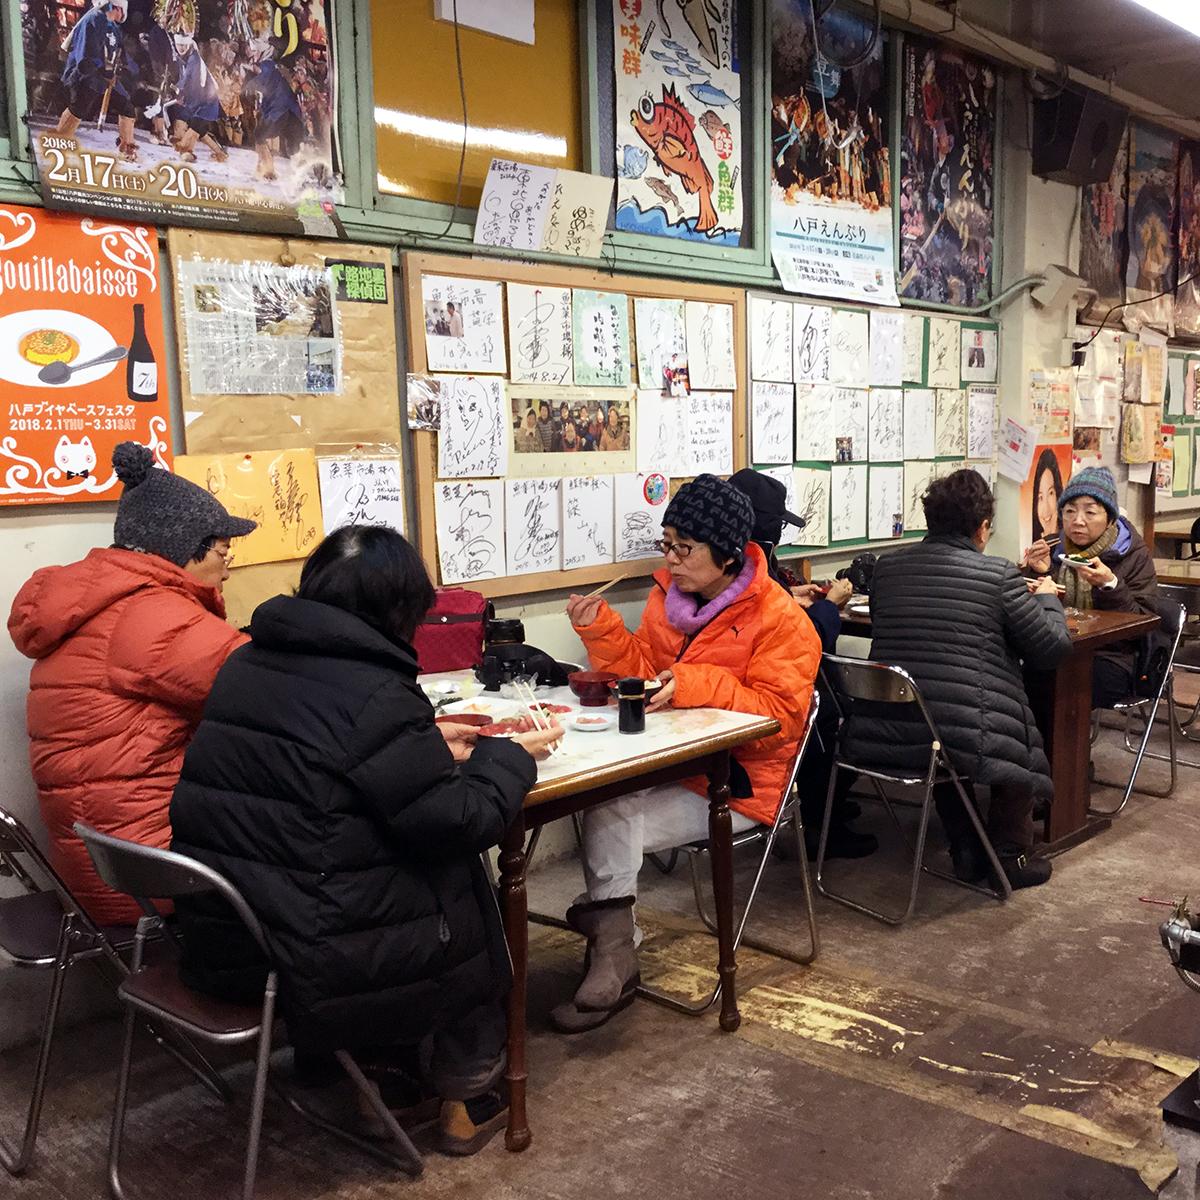 八戶(劉黎兒攝影)陸奧湊市場內形成最自然的美食廣場,讓觀光客或採買人都能盡情吃到最佳的早餐.jpg